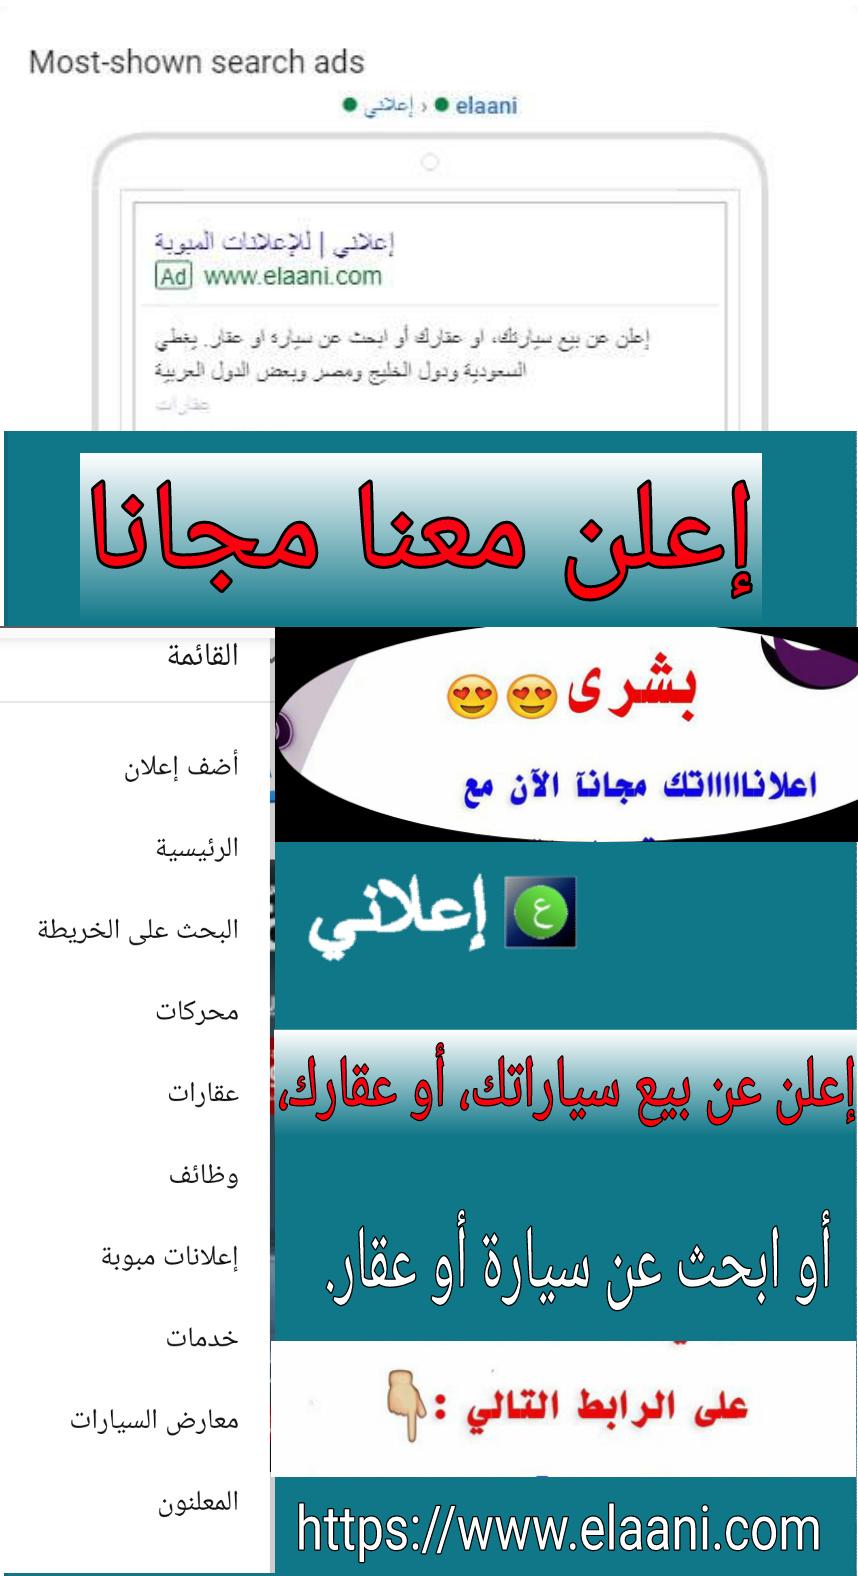 ،اعلانات مجانية،انشر p_1633tnfsv0.jpg